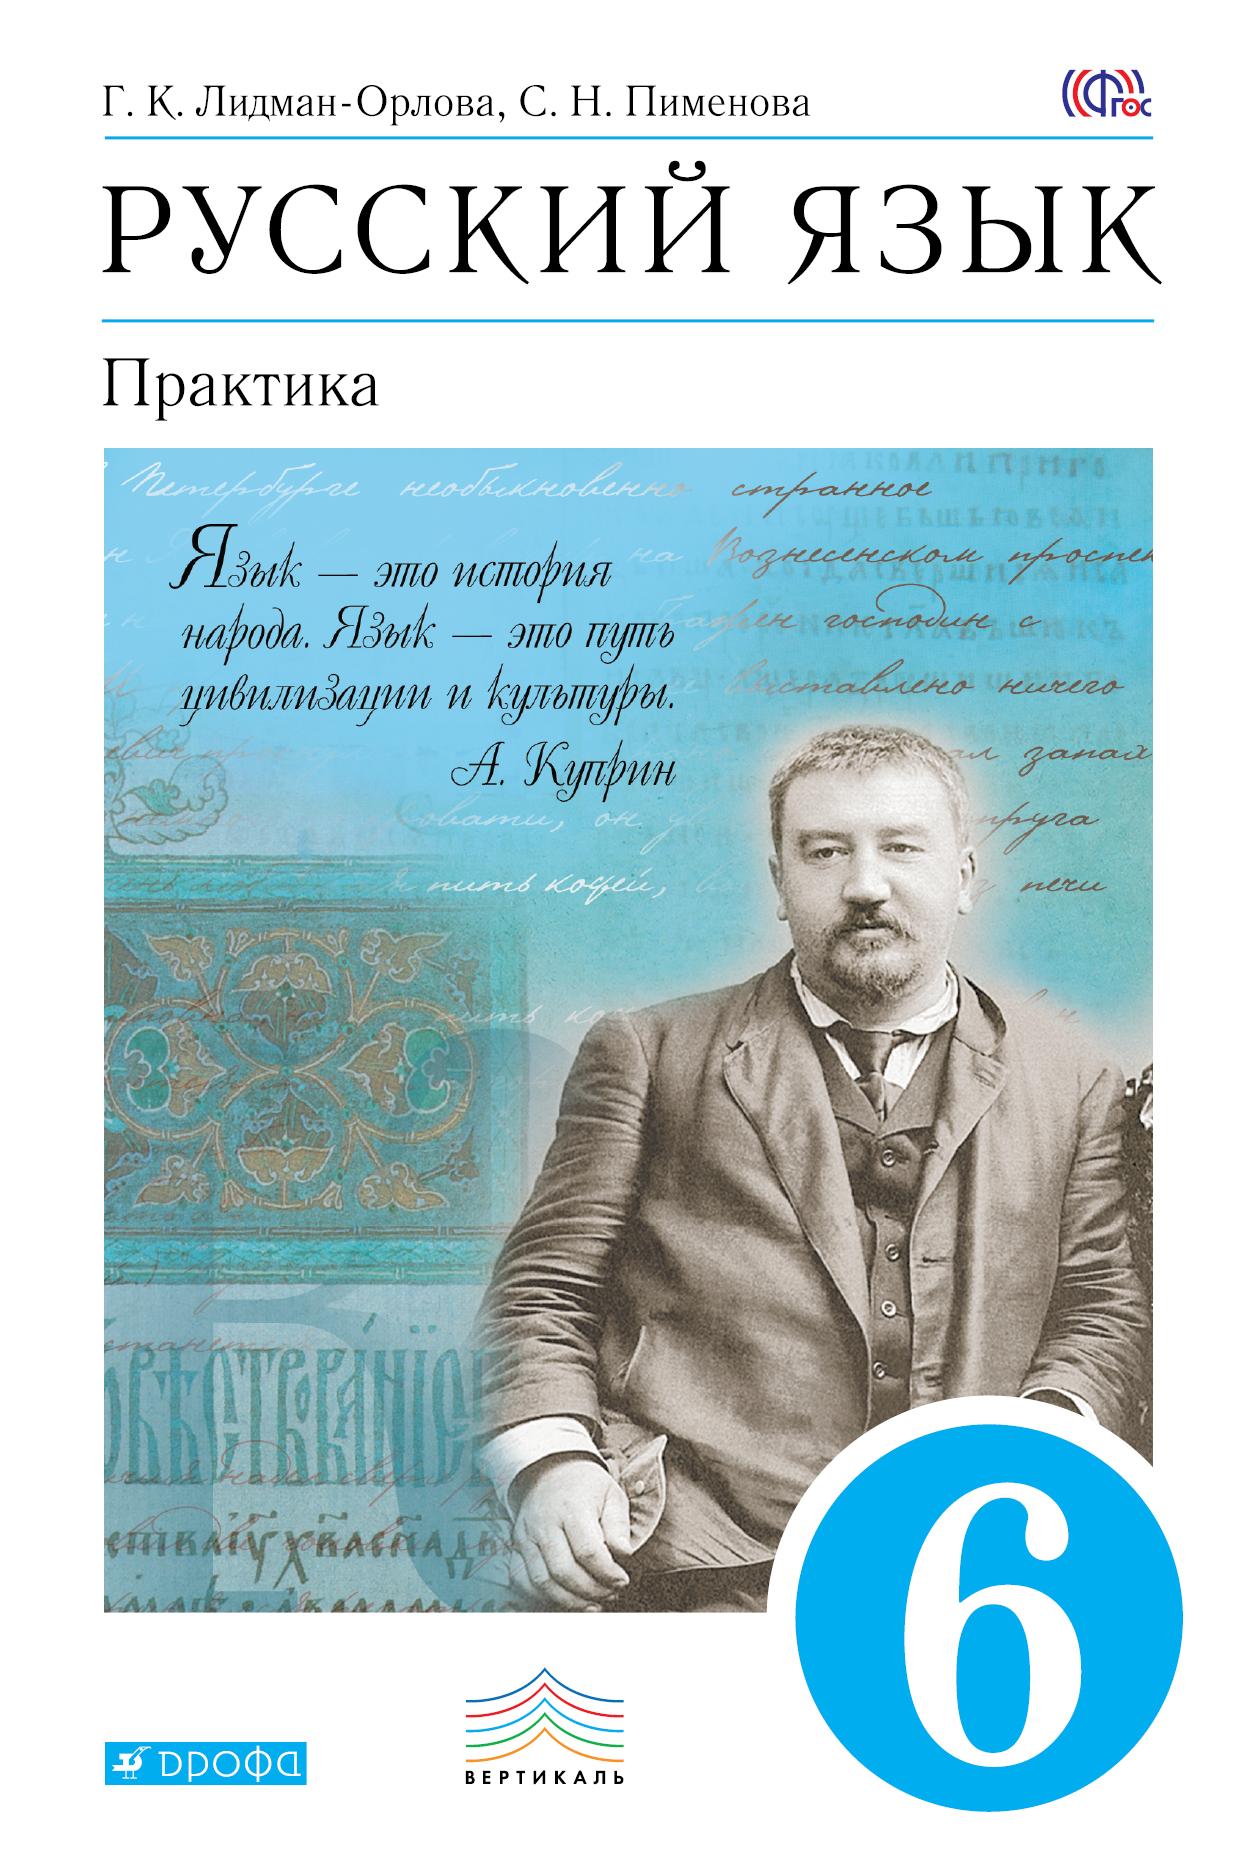 Русский язык. Практика 6кл [Учебник] Вертикаль ФП